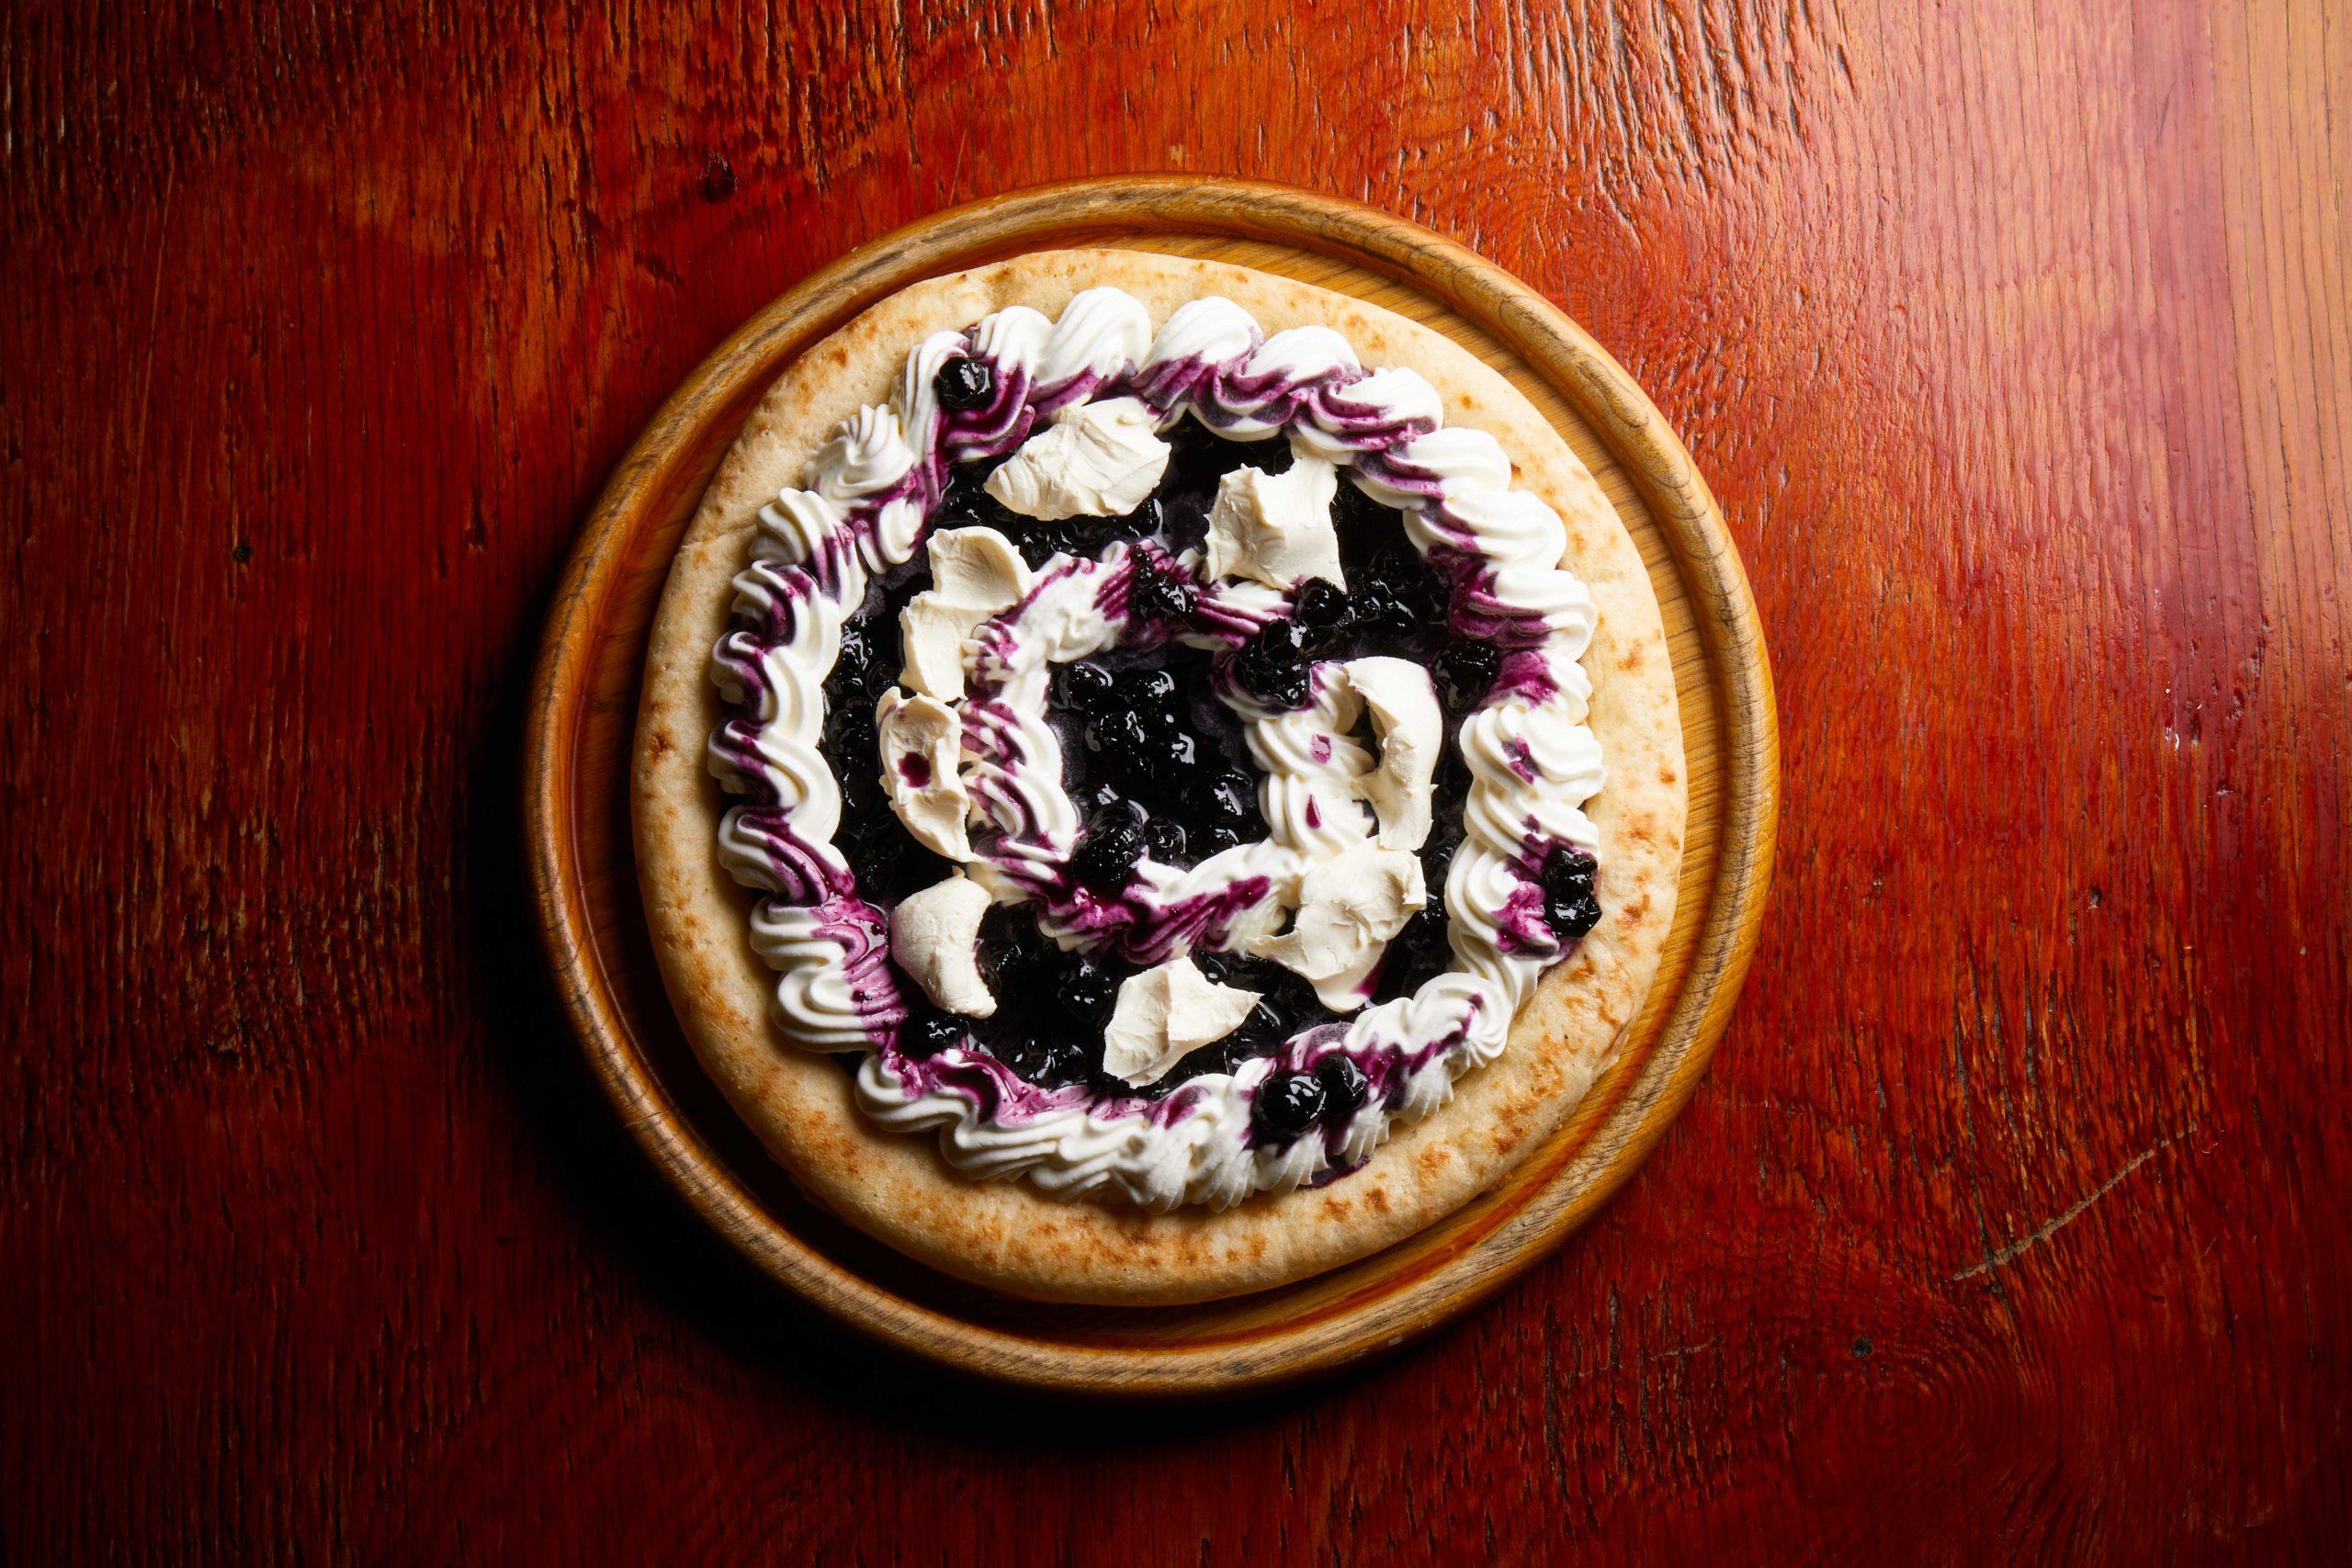 ブルーベリークリームチーズピザ